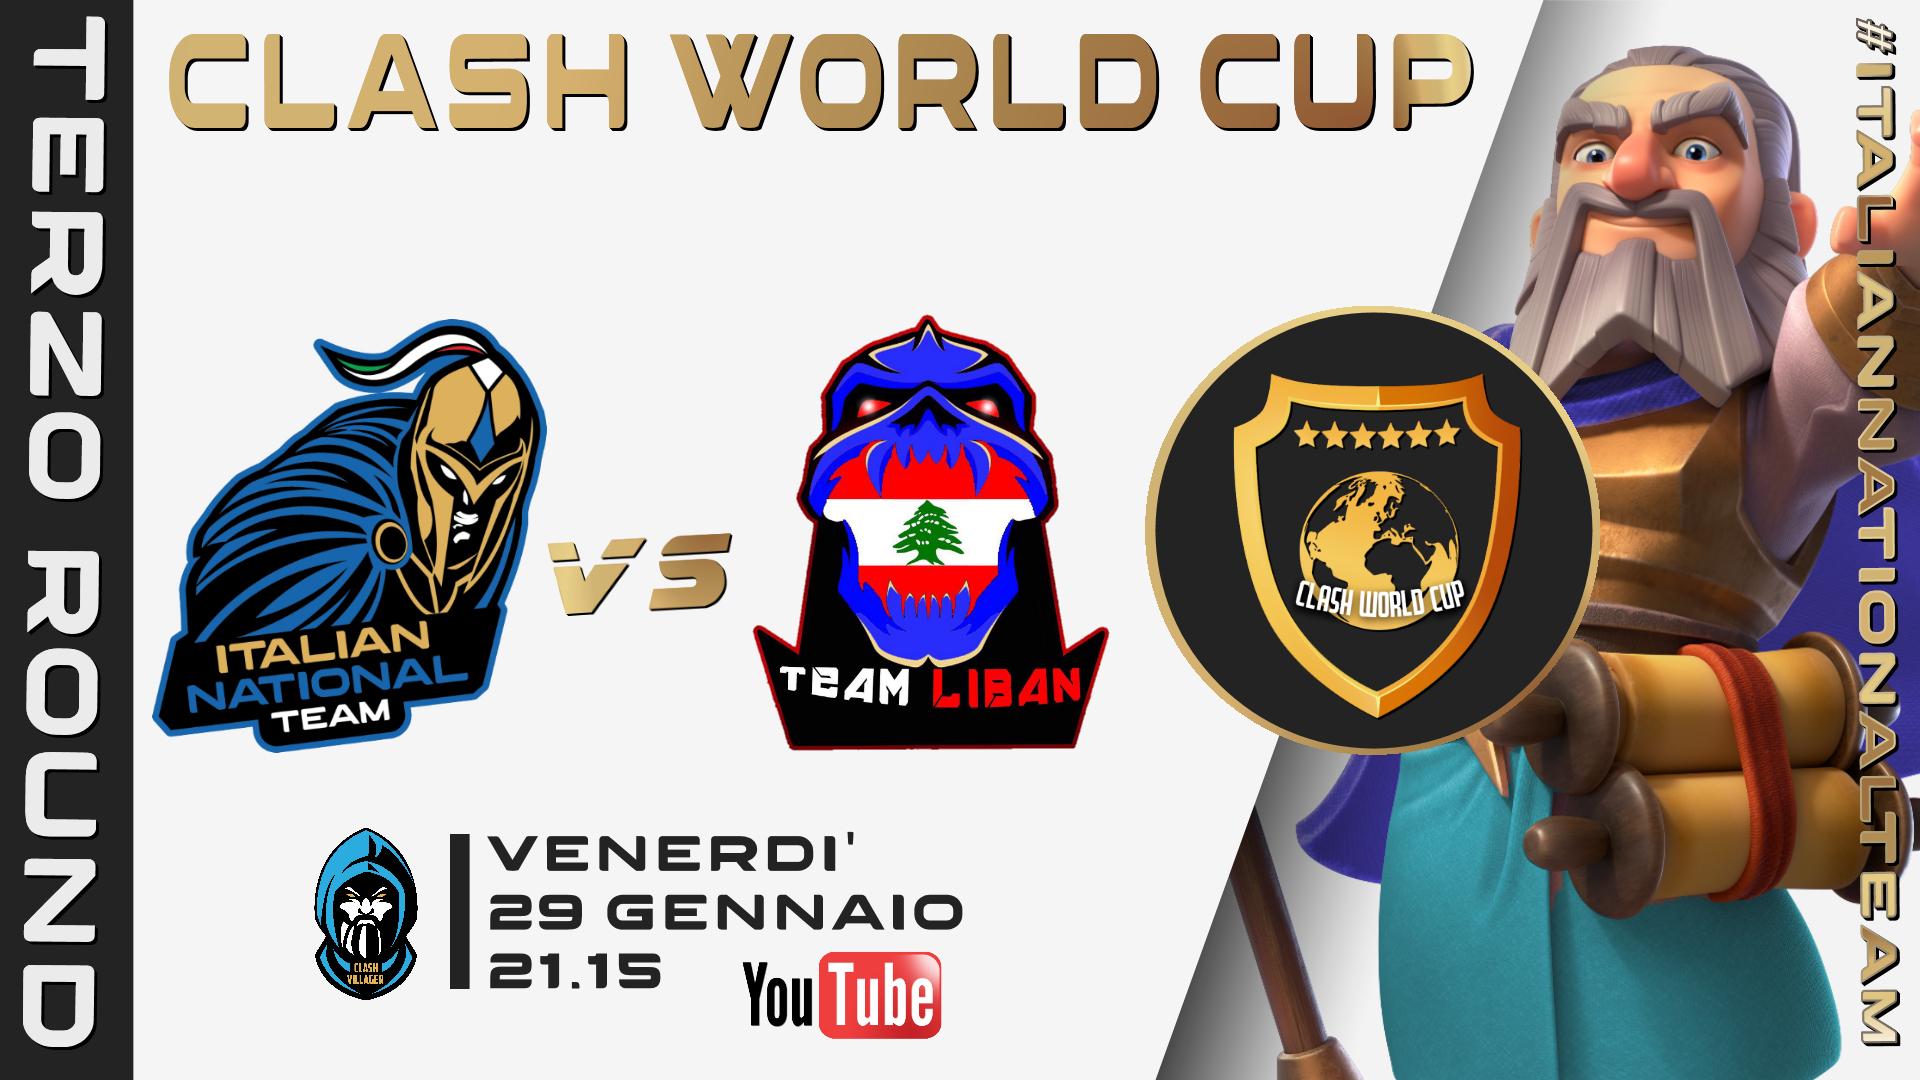 TERZA Week dell'Italia al Mondiale di Clash of Clans